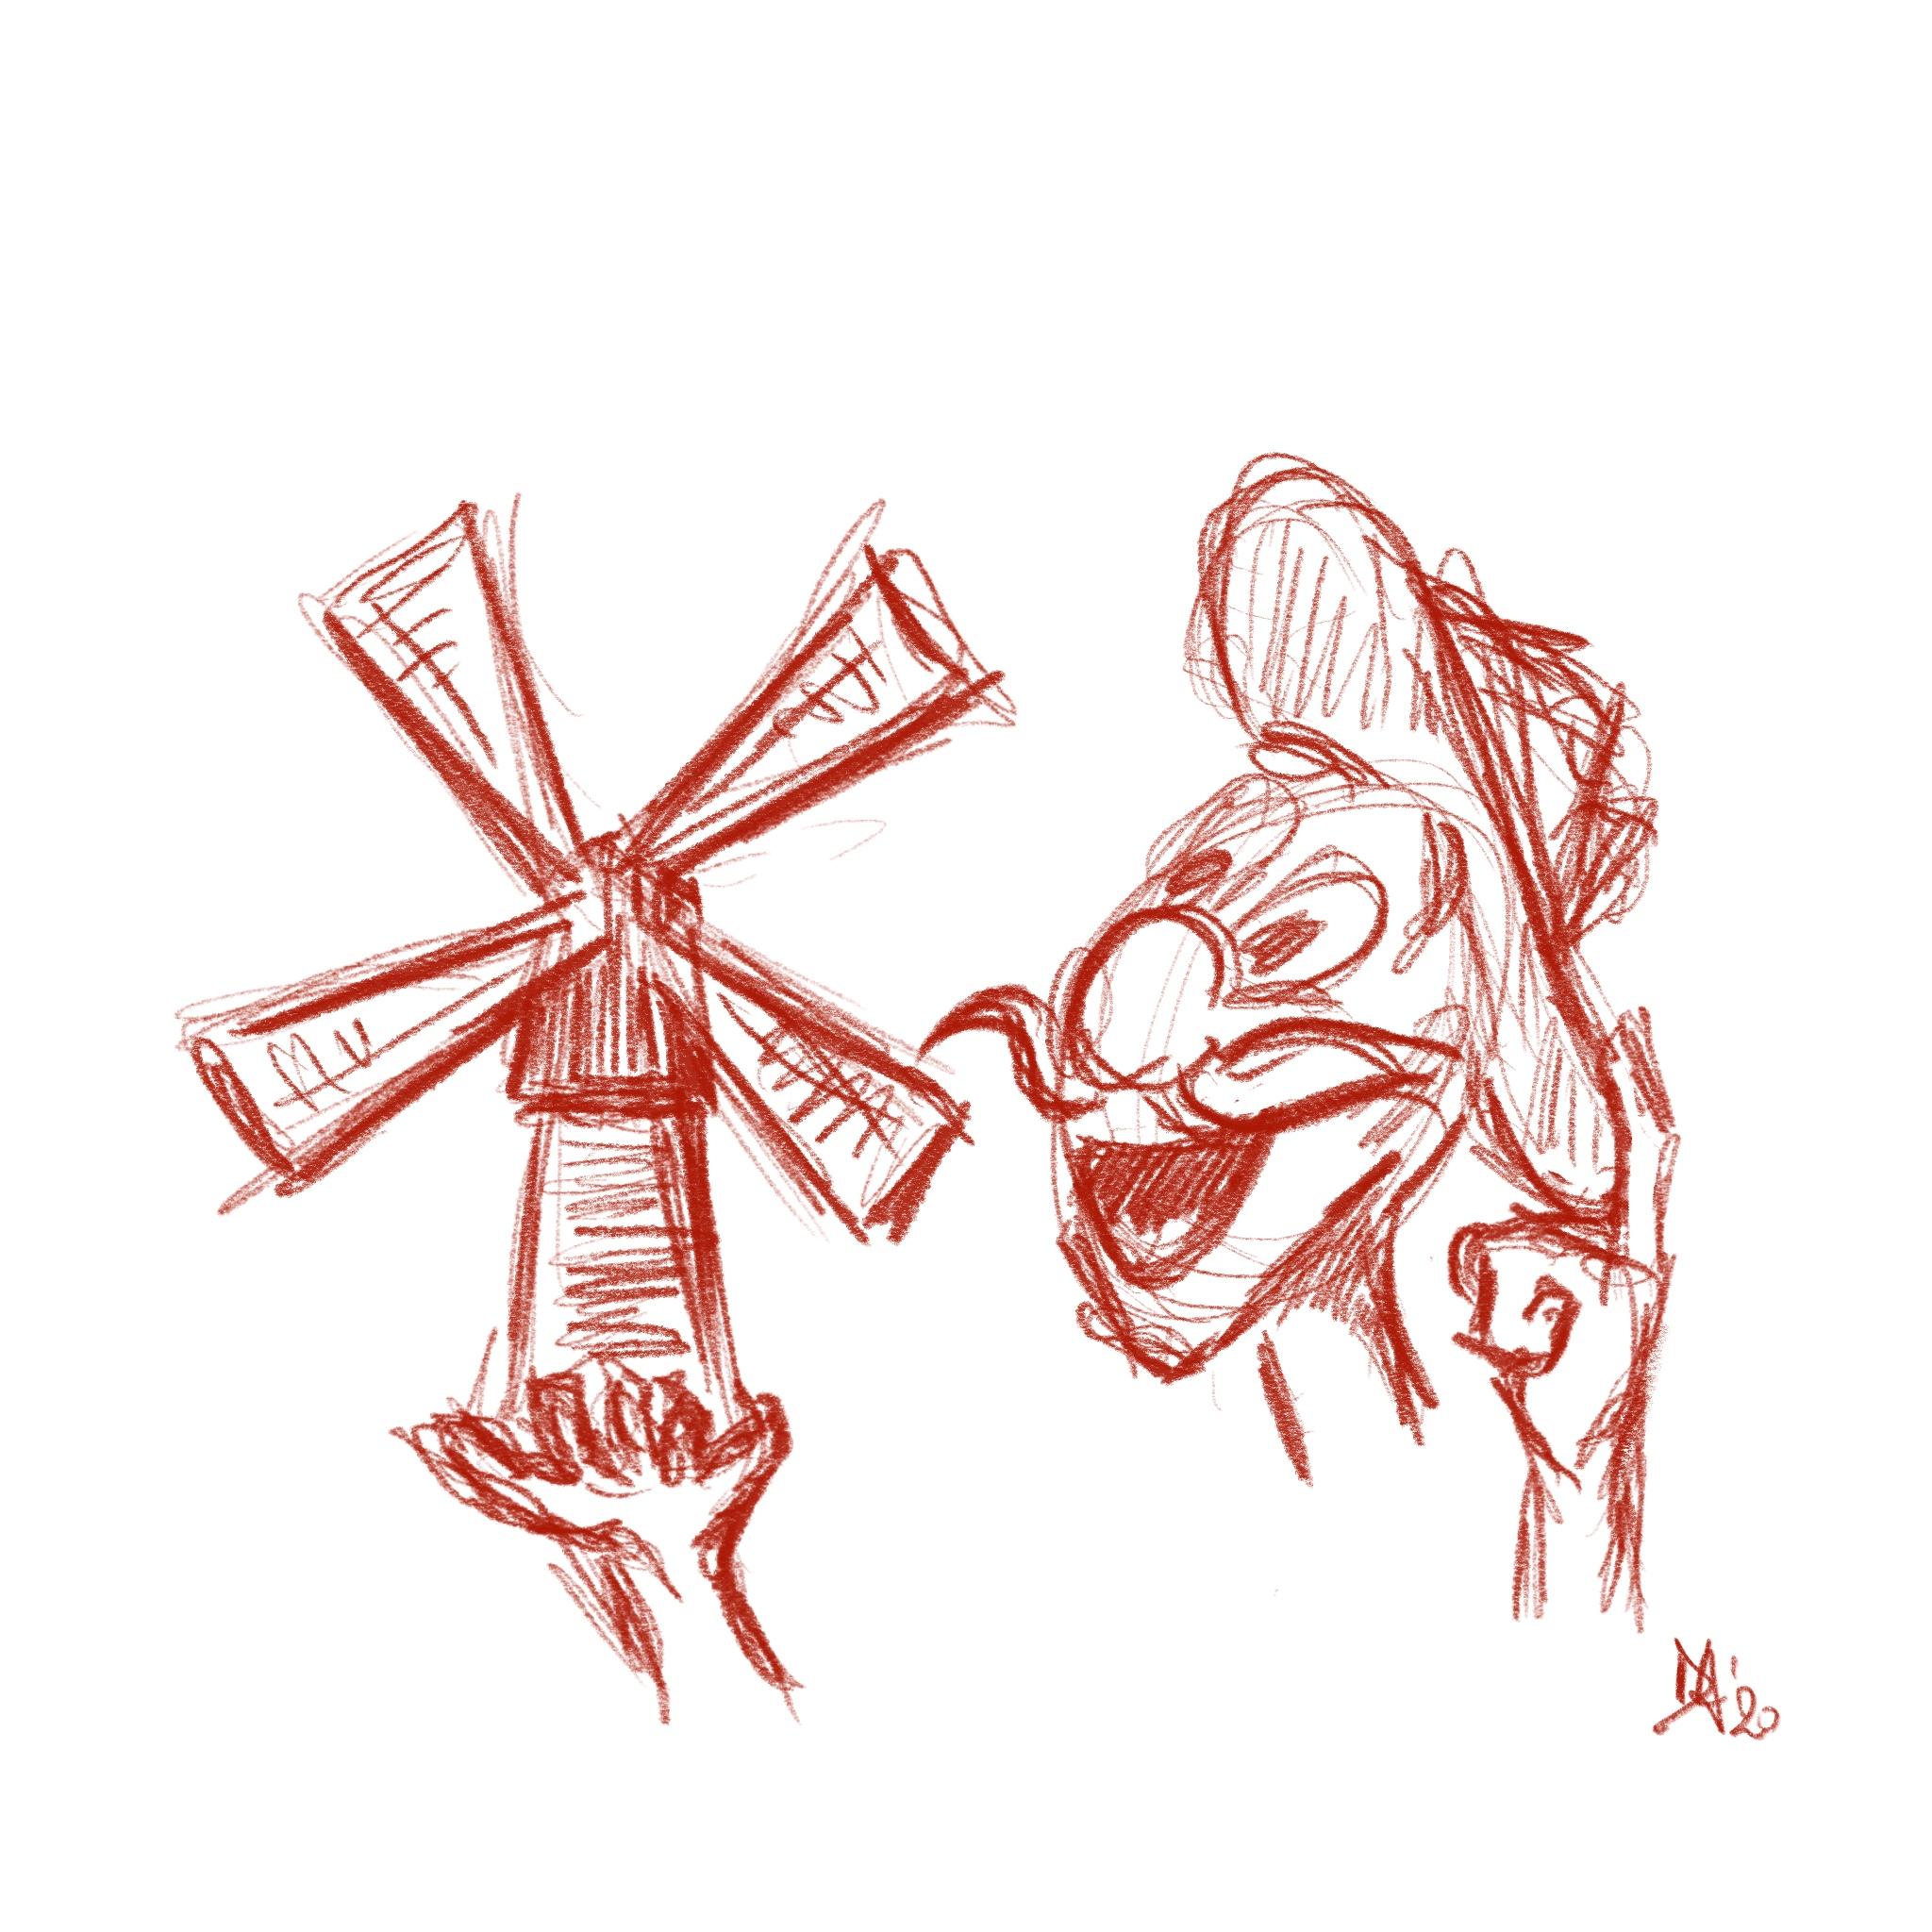 caricatura don Chisciotte daniela gaidano